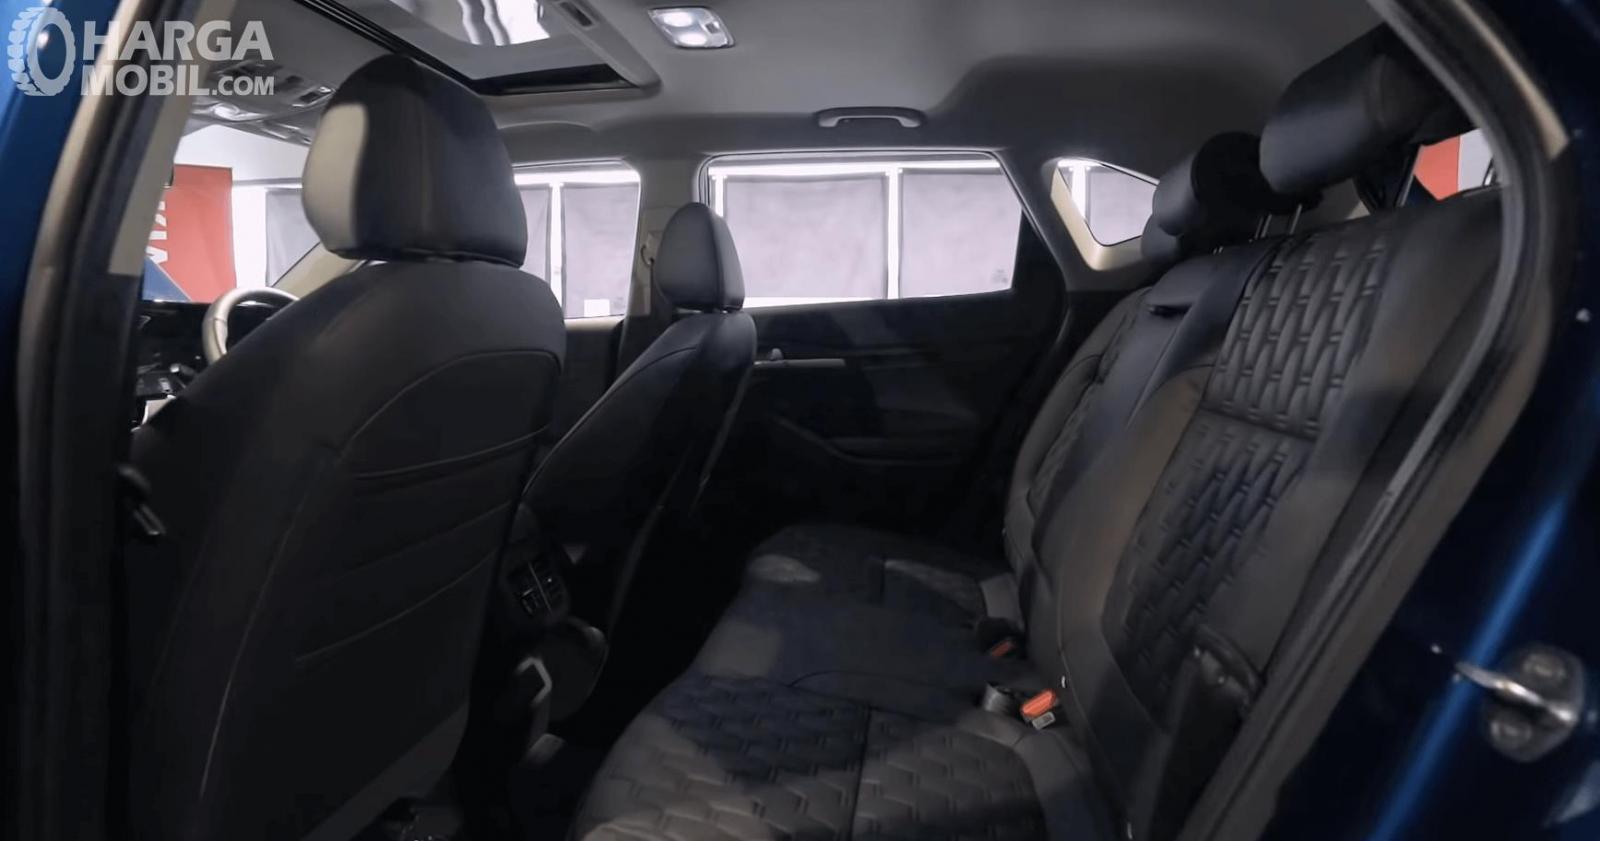 Review Kia Seltos 1 4l Exp 2020 Mobil Compact Suv Dengan Desain Mewah